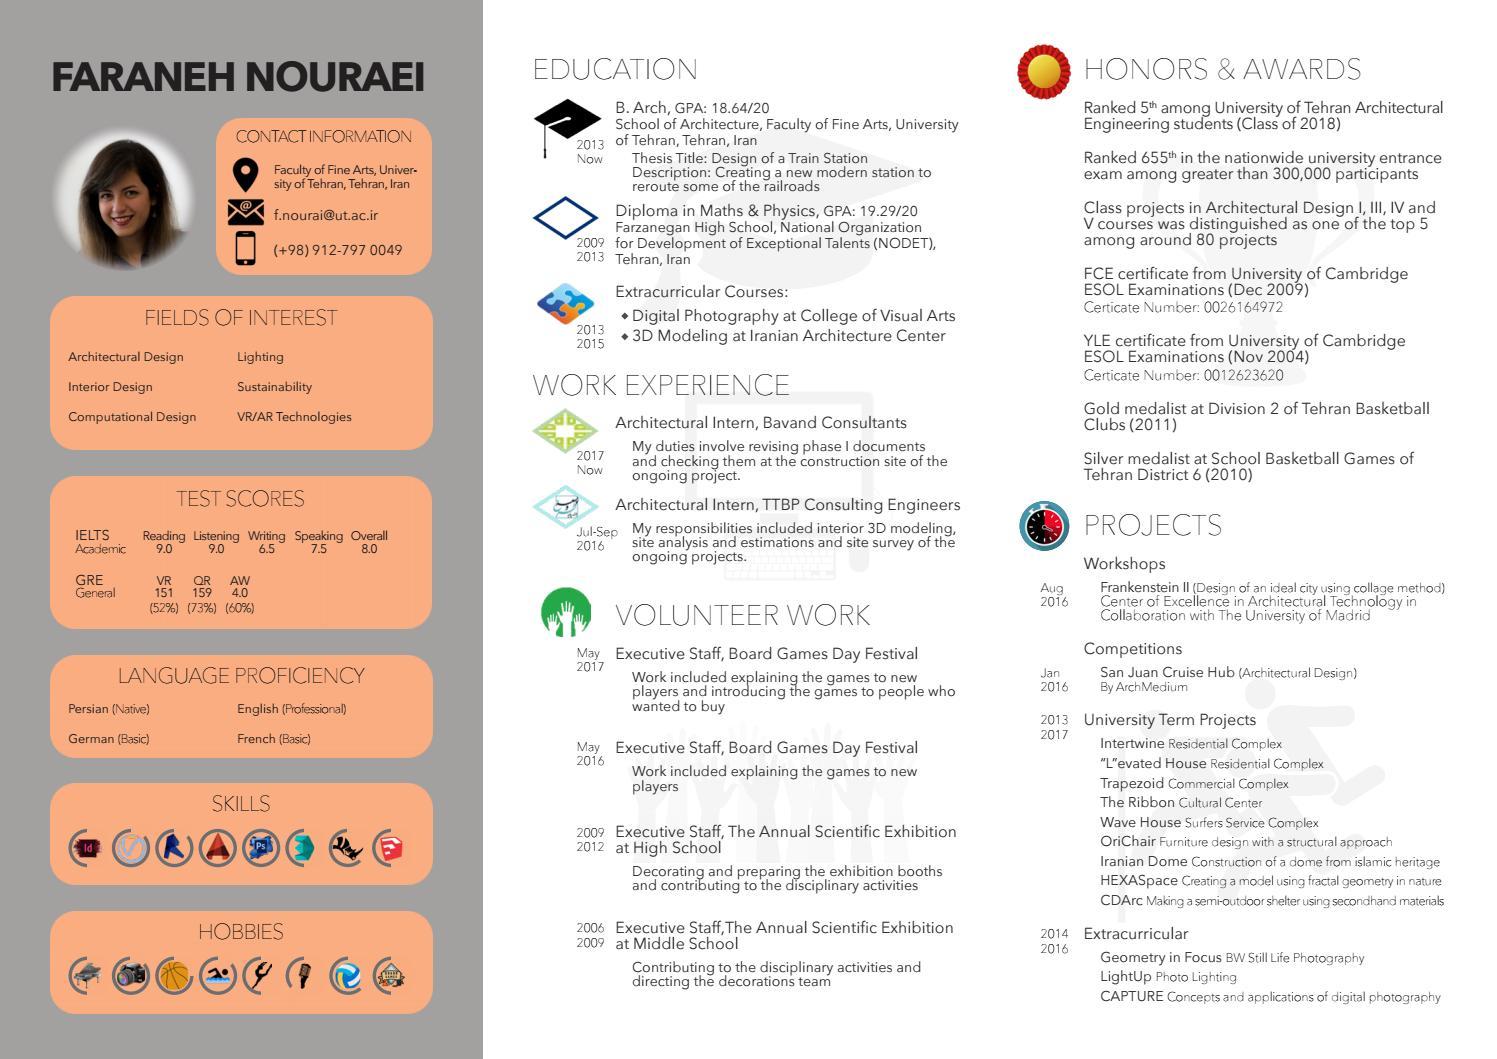 Resume - Faraneh Nouraei by Faraneh Nouraei - issuu